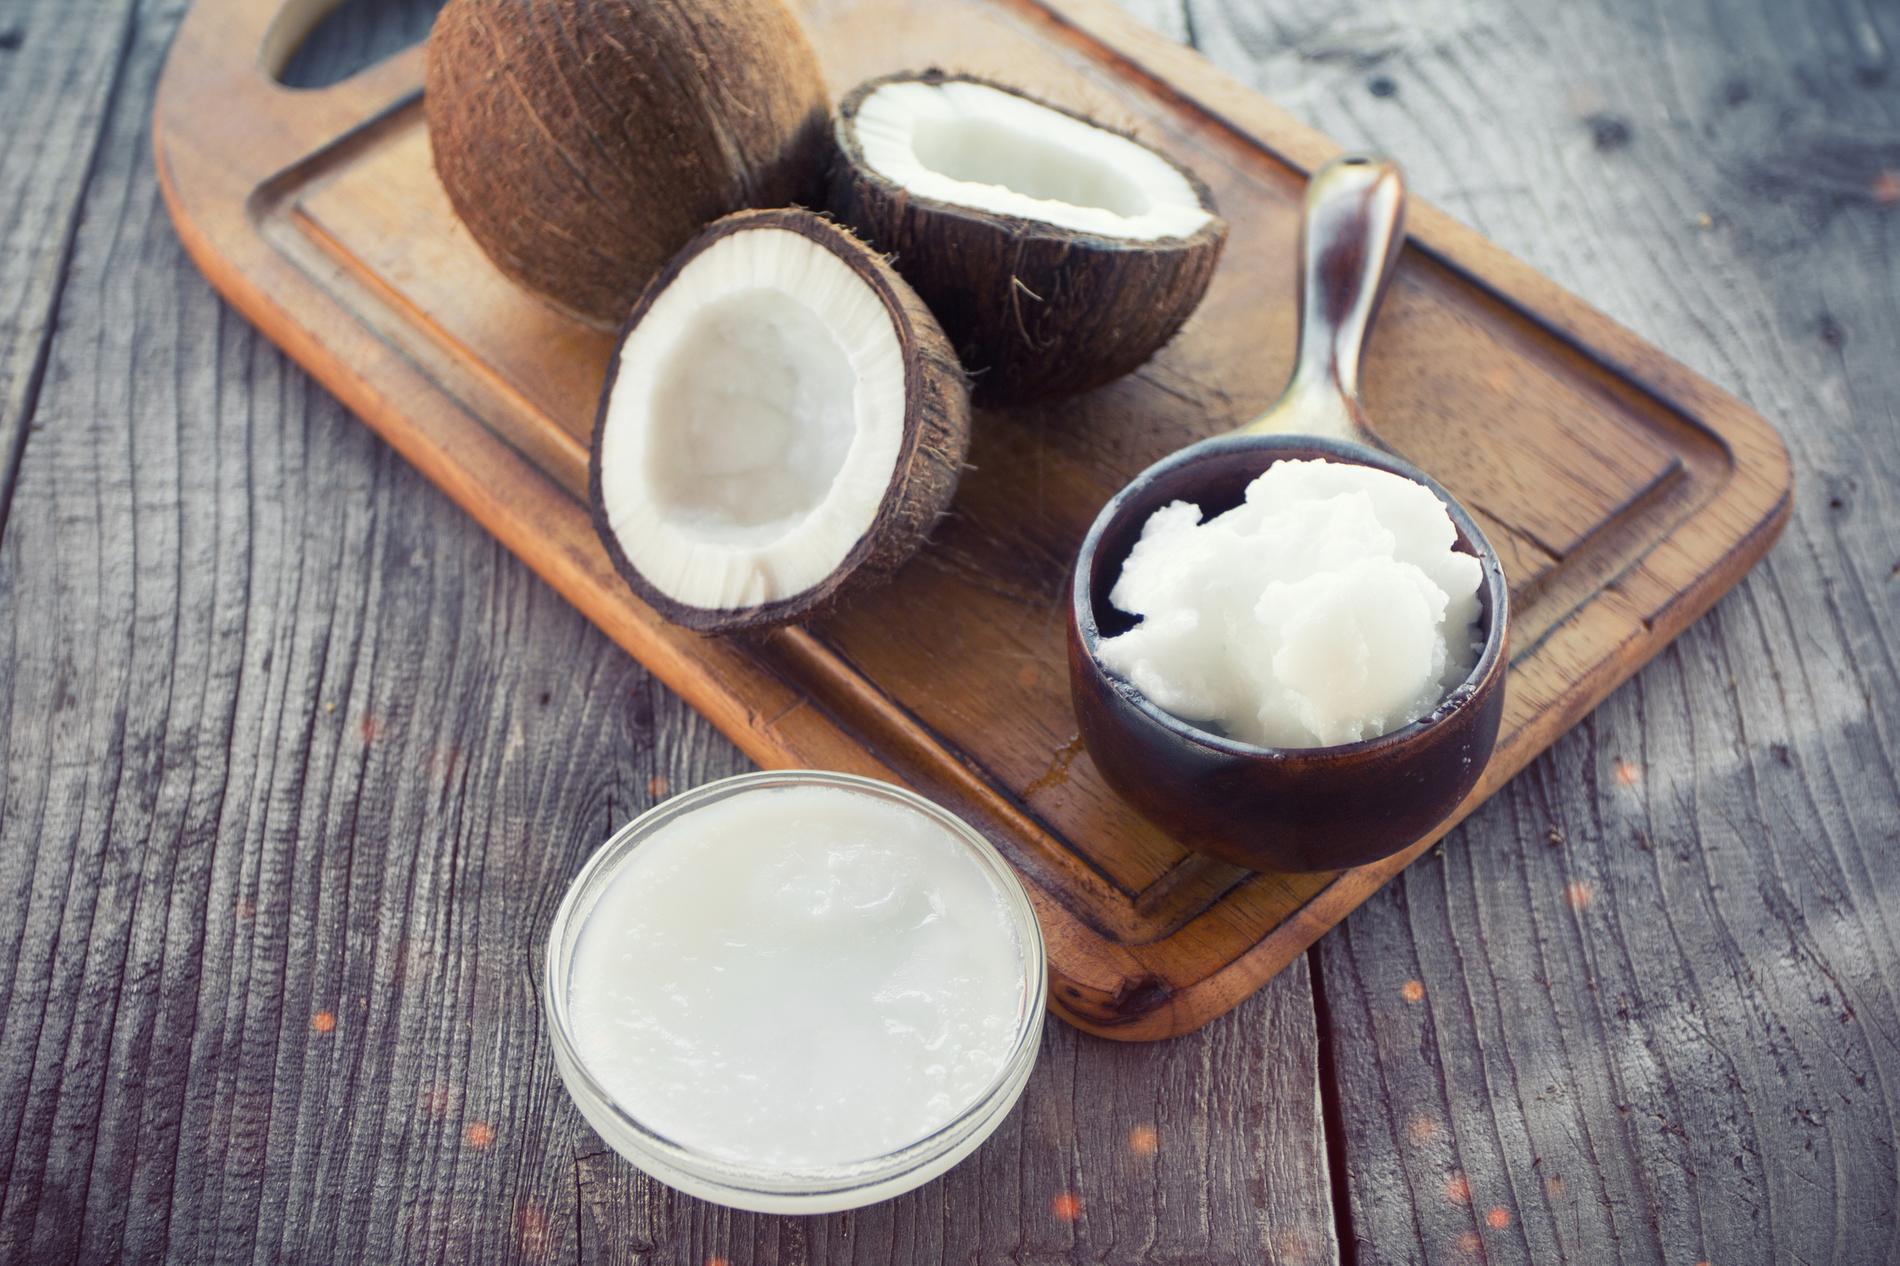 huile de coco bon ou mauvais